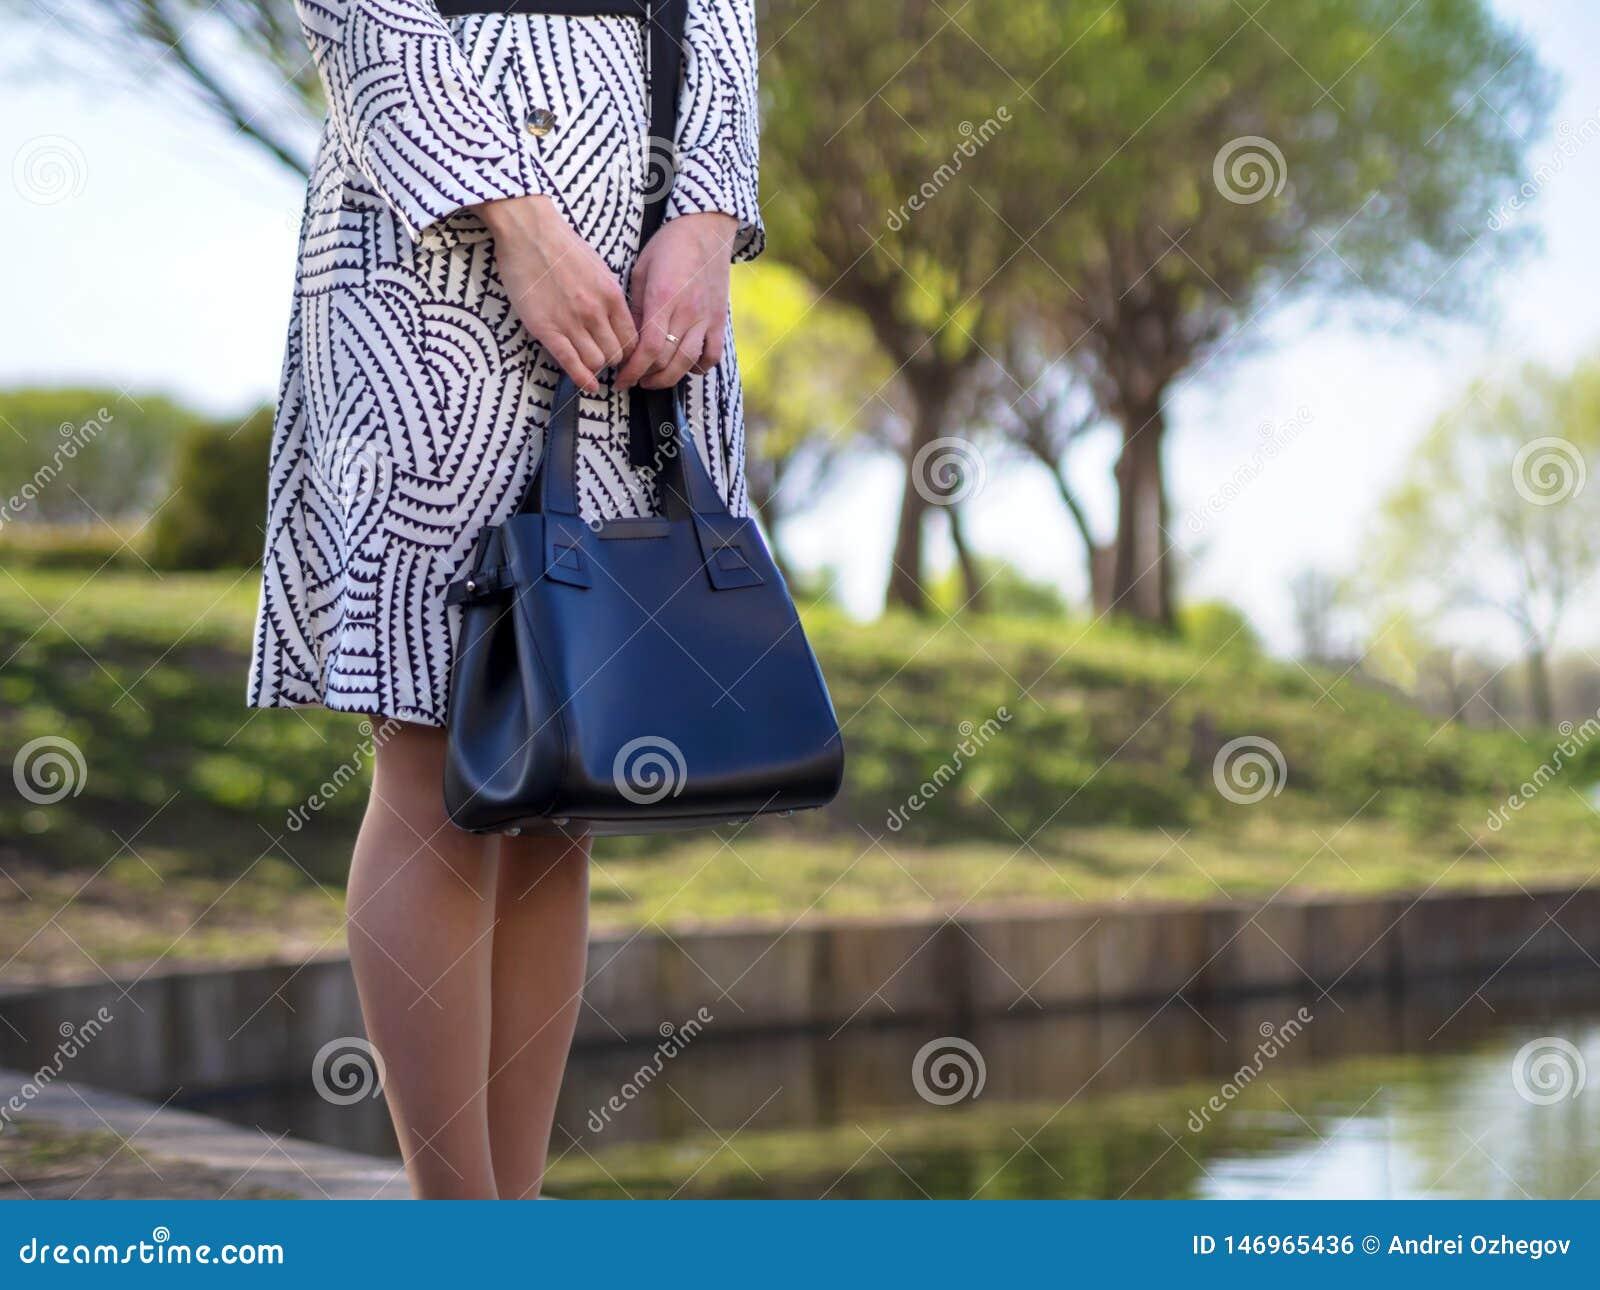 Jovem mulher europeia à moda em uma capa de chuva, calças justas, sapatas com saltos, com um saco de couro preto em suas mãos em